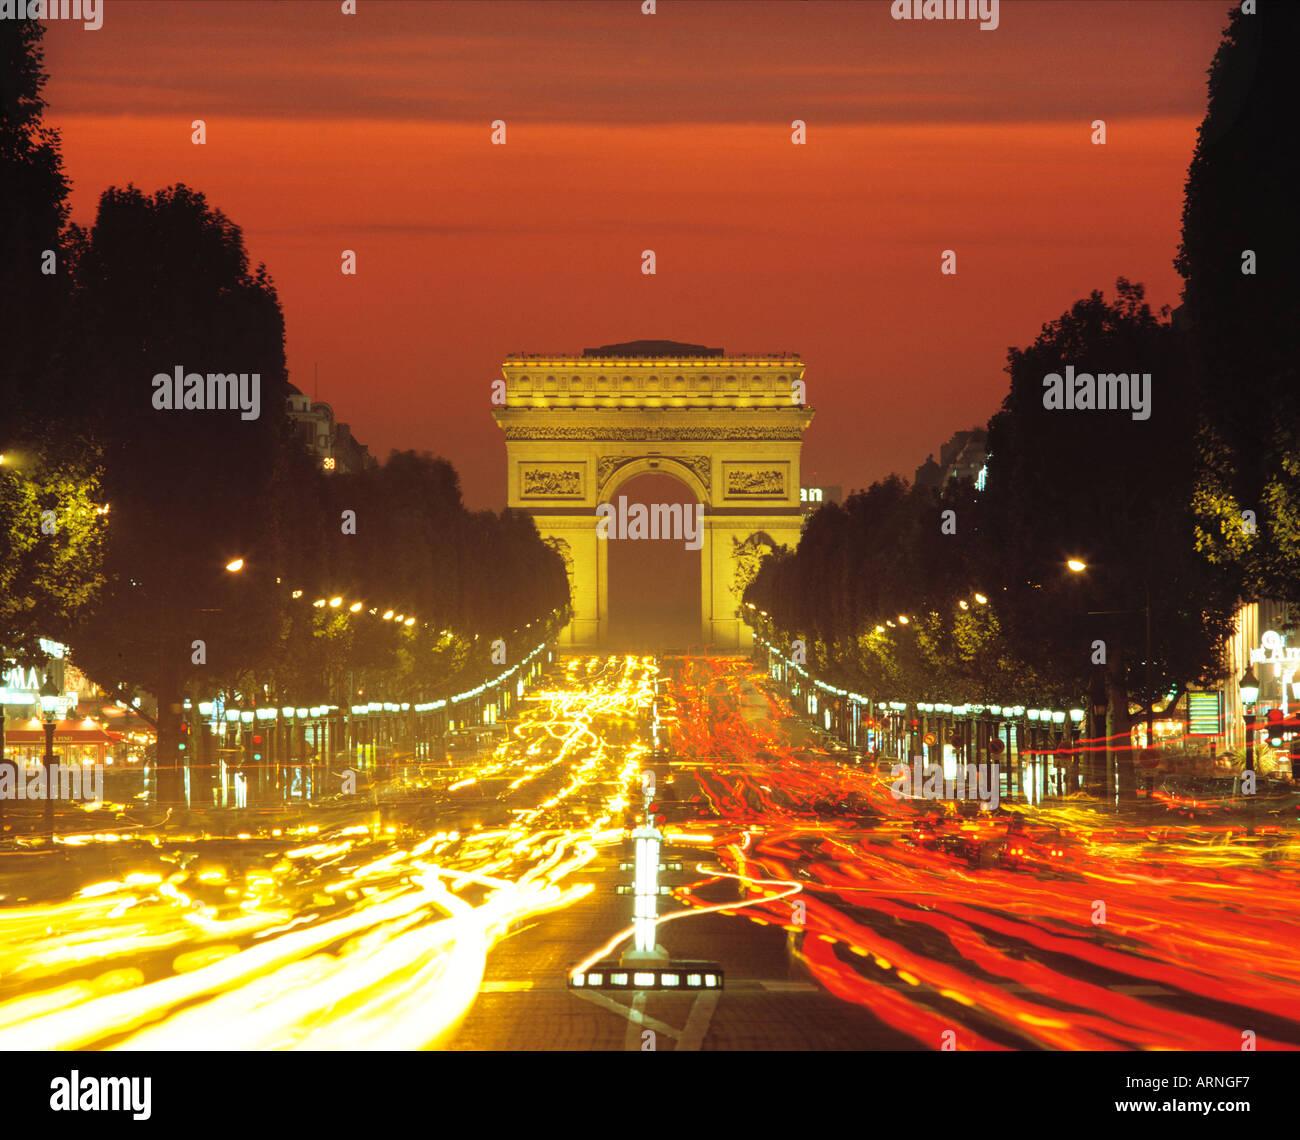 FRANCE PARIS CHAMPS ELYSEES ARC DE TRIOMPHE - Stock Image